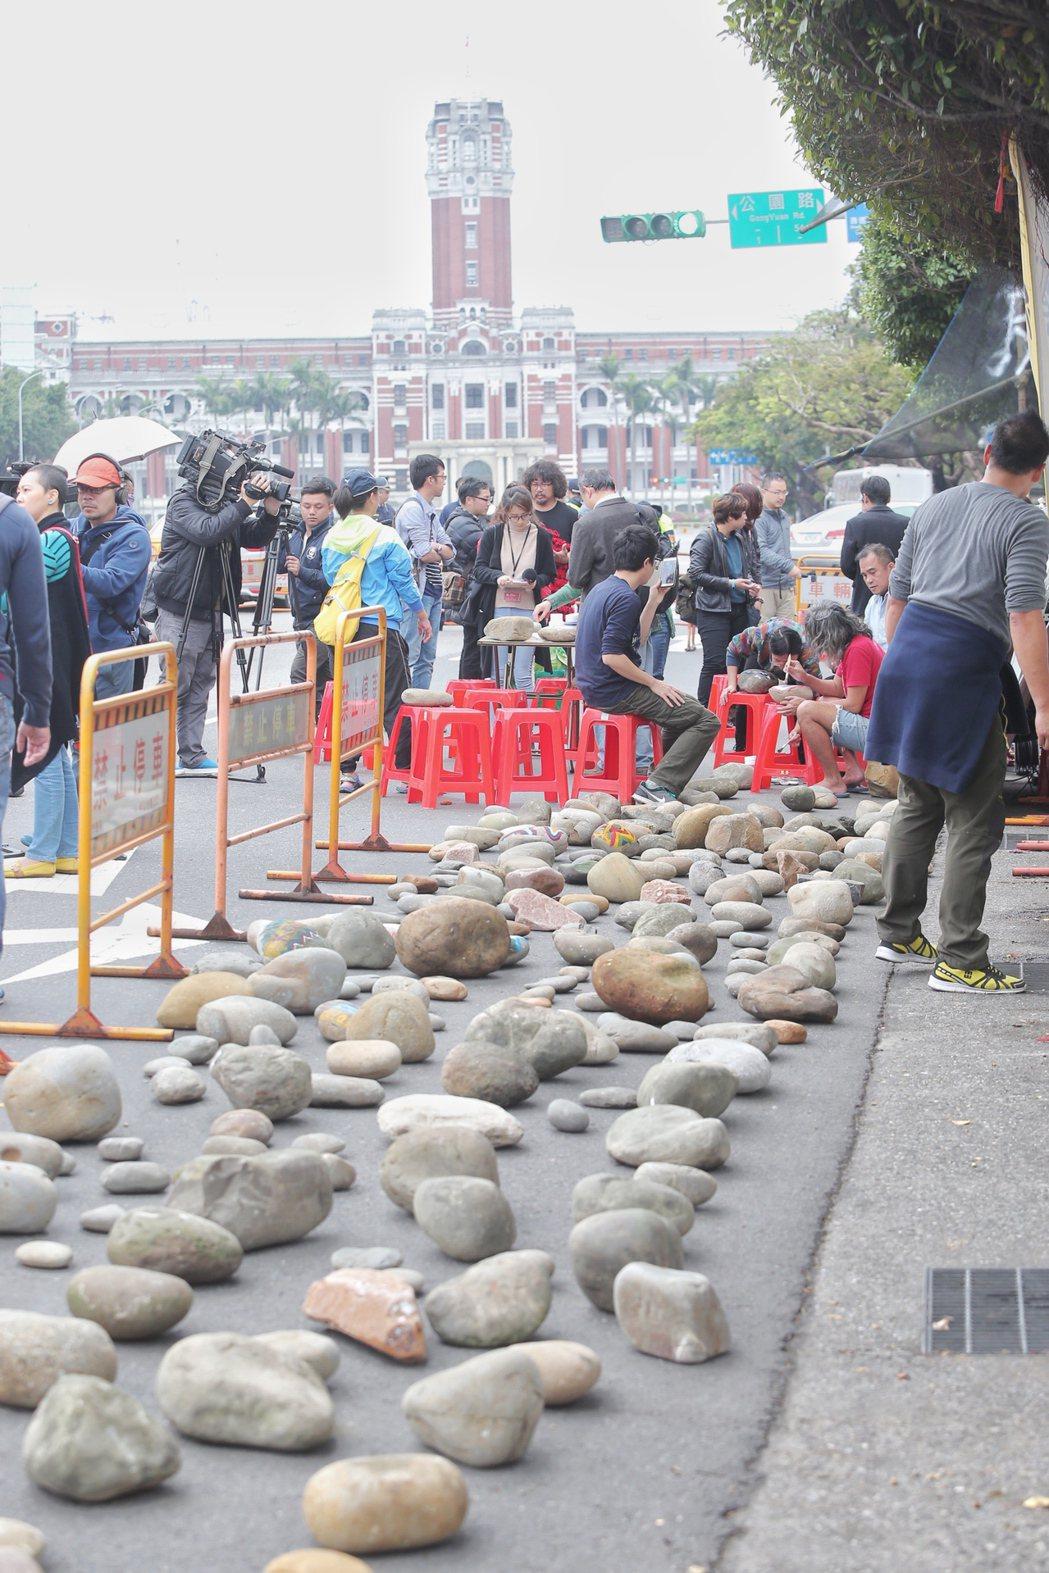 在凱道前紮營抗議的原民團體,今天下午號召一些藝術家,將彩繪後的石頭放置凱道上,象...